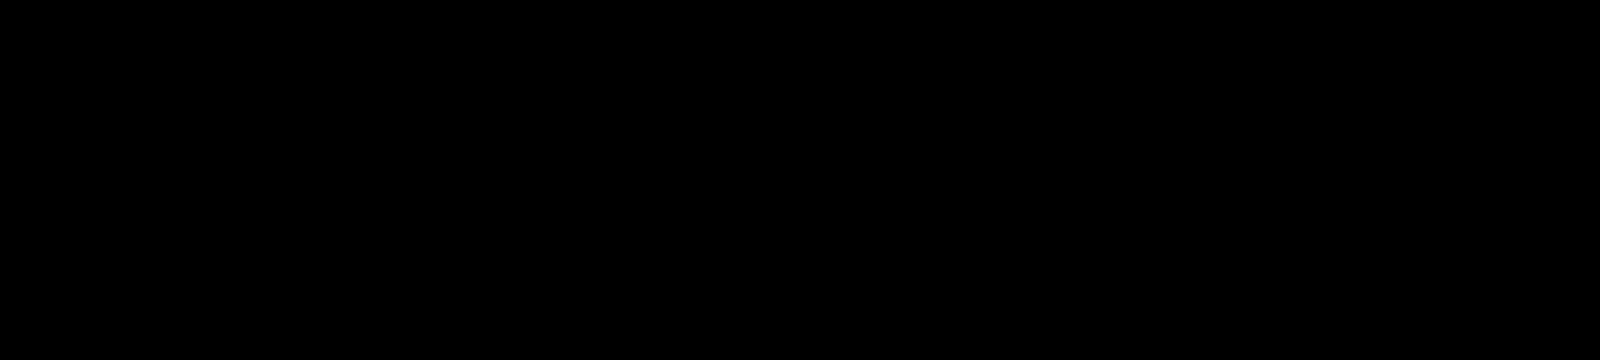 詩太(ウータ)/ shingo kimura